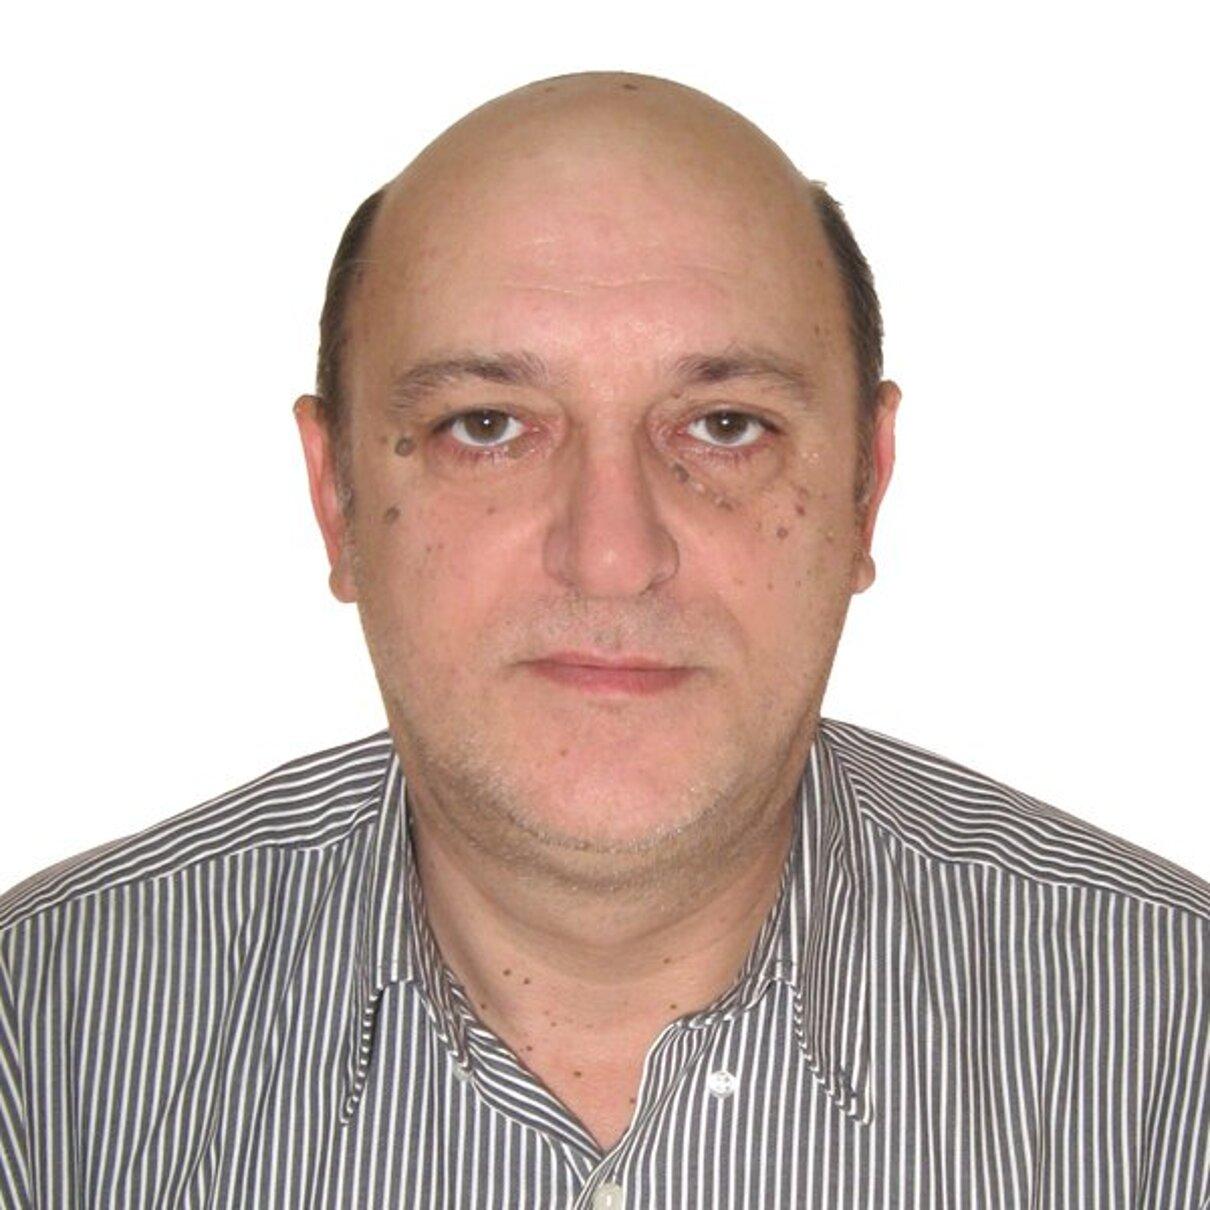 Жалоба-отзыв: Кузьменко Николай - Внимание мошенник!.  Фото №1